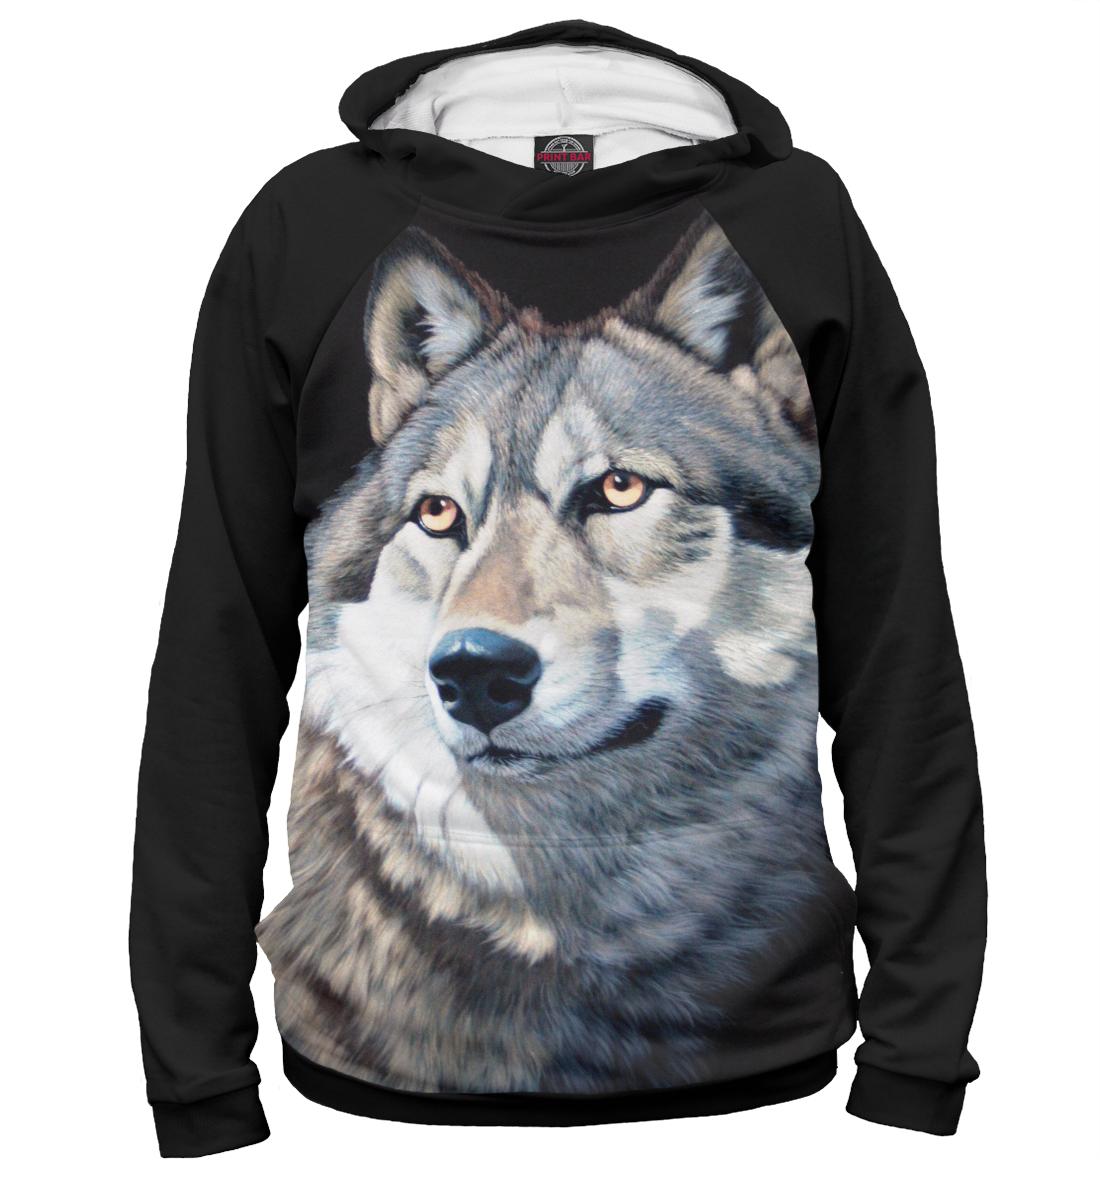 Купить Волк Вожак, Printbar, Худи, VLF-372603-hud-2